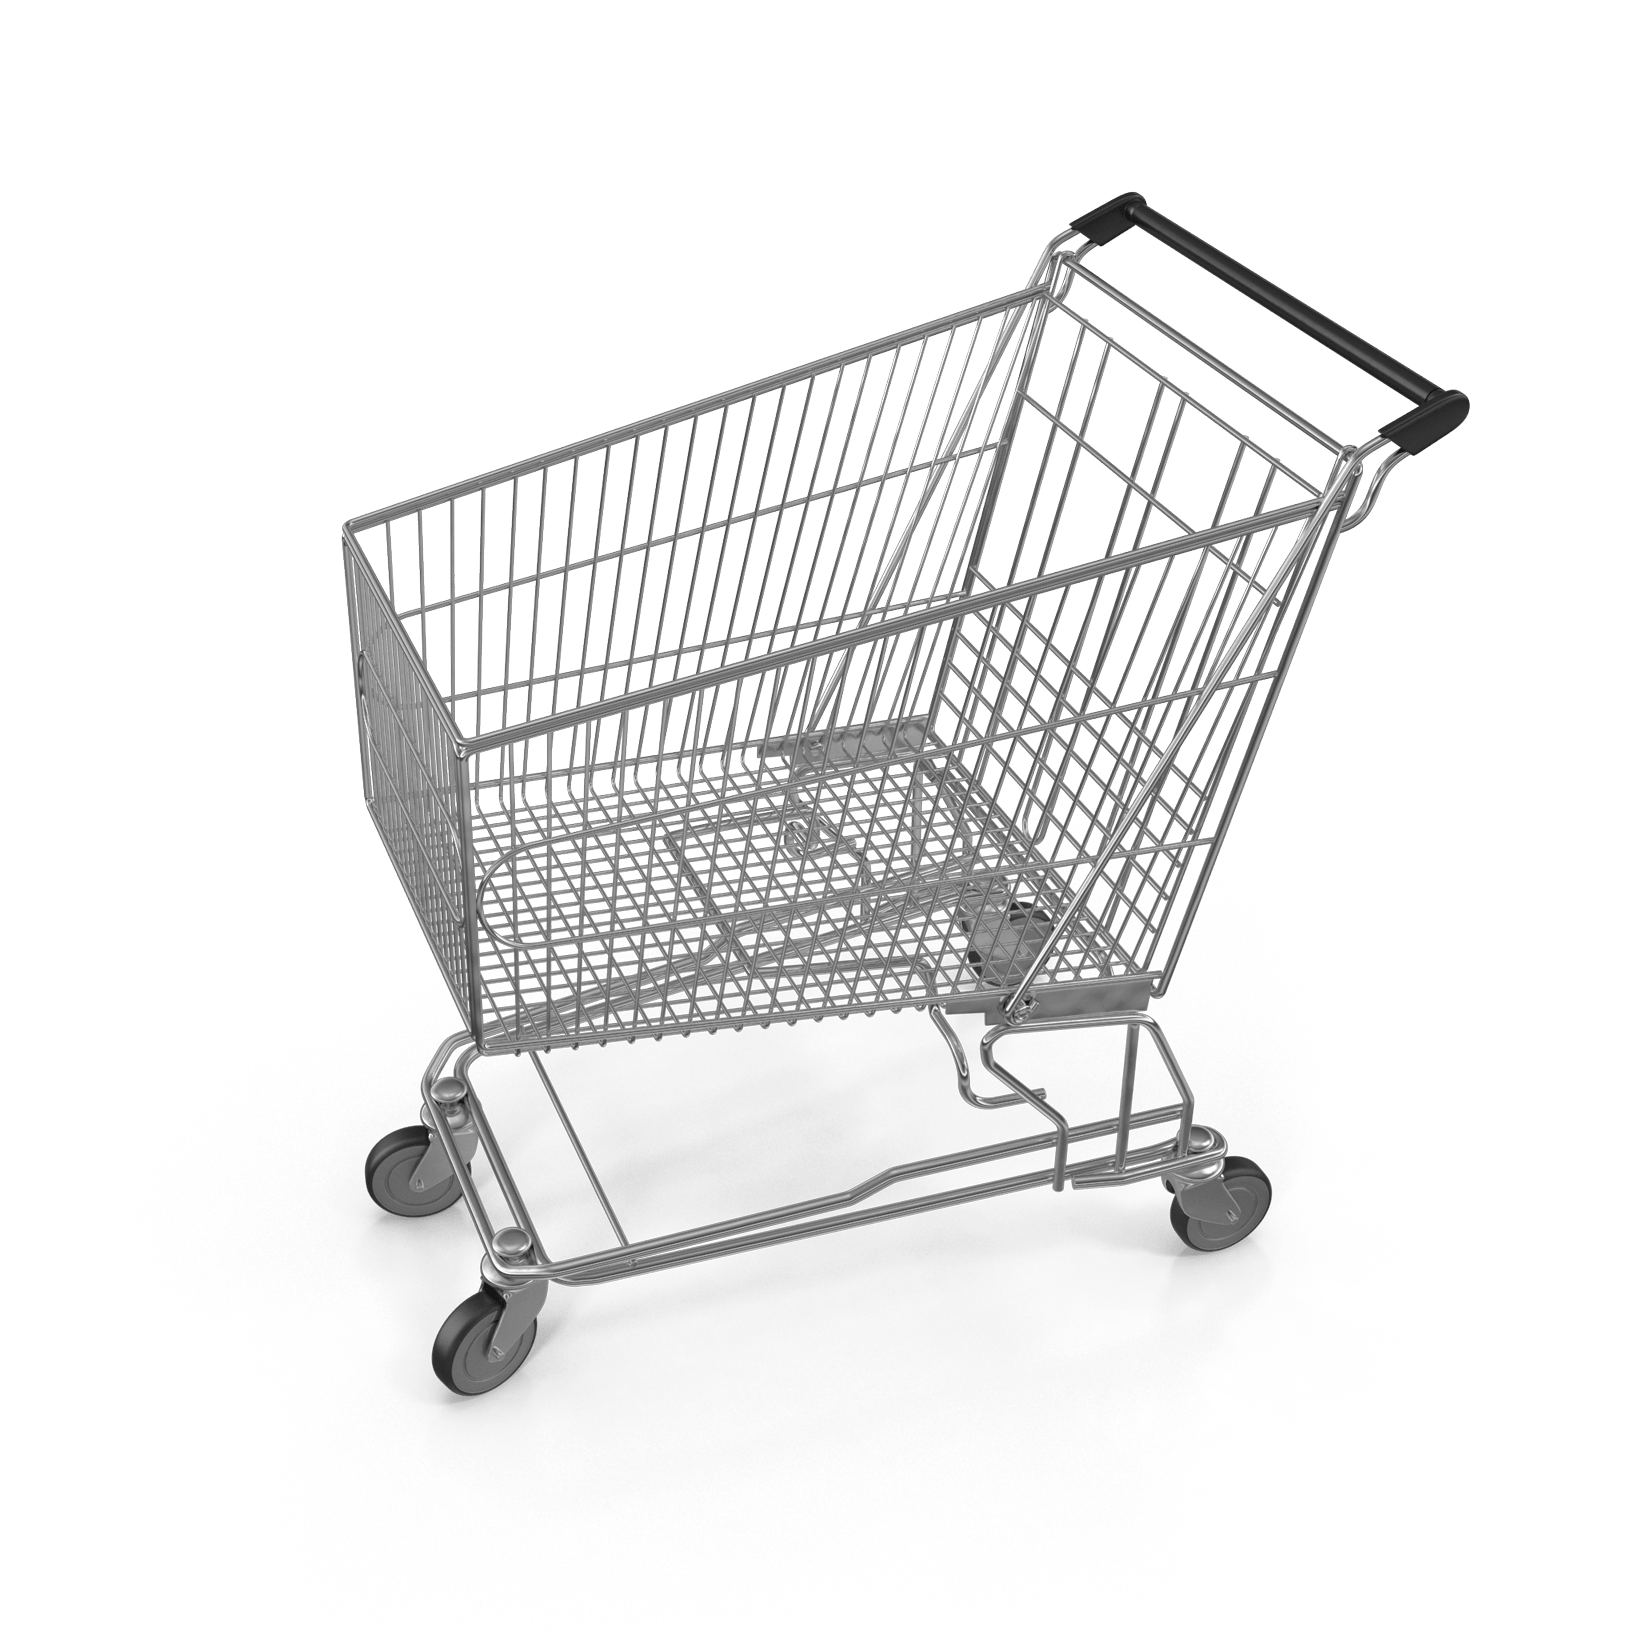 panier ecommerce international acheter vendre crossborder logistique